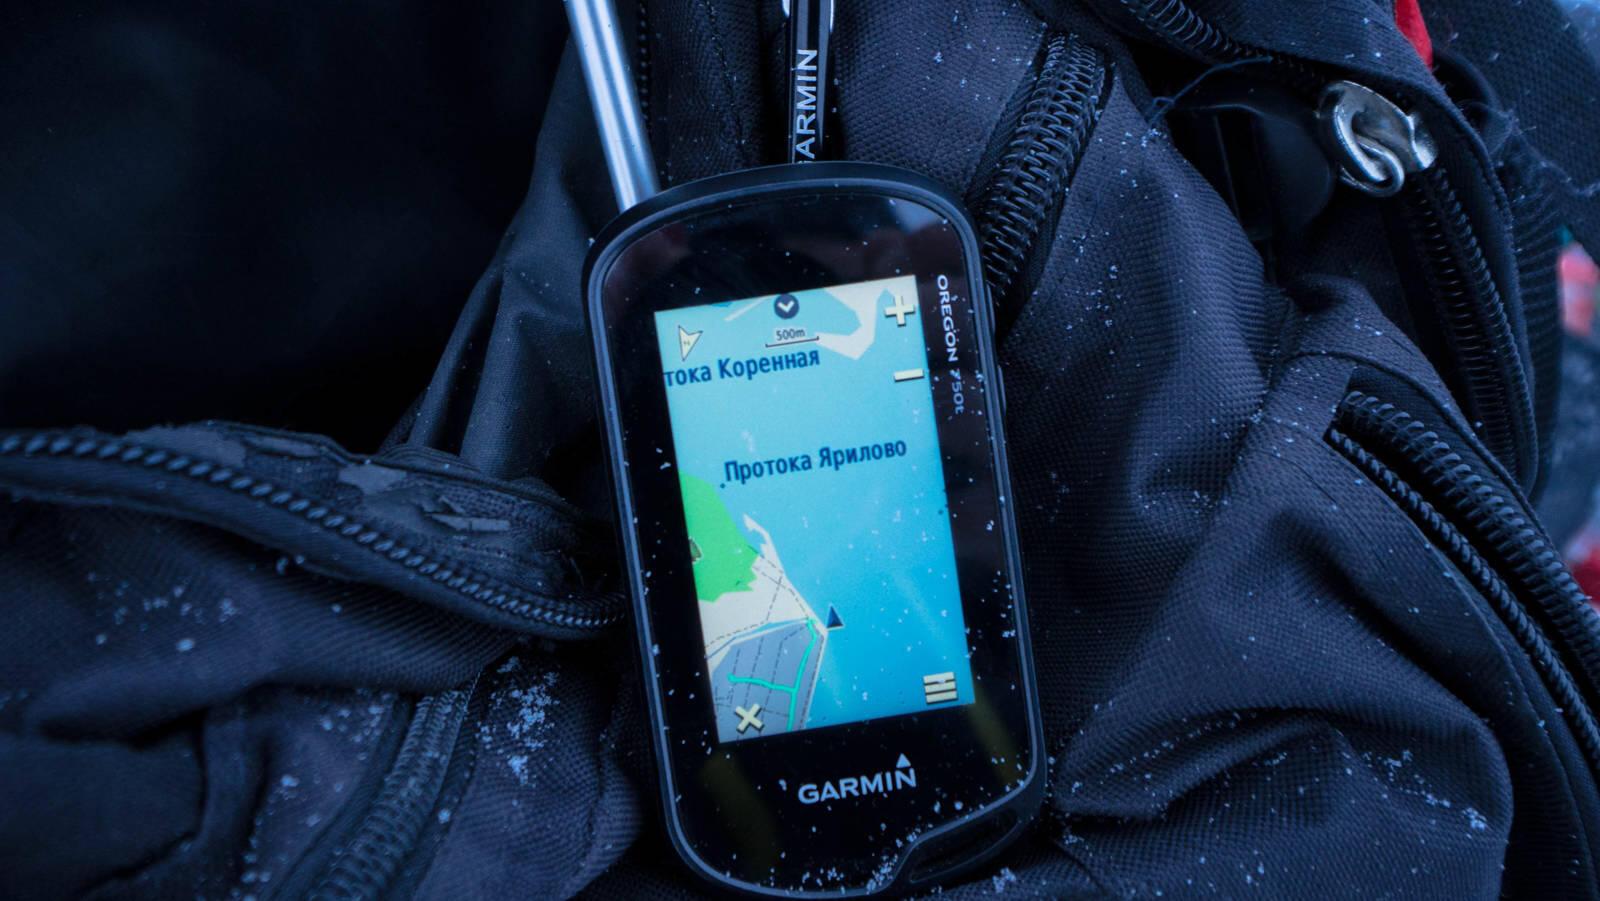 Personalnyy blog - Obzor turisticheskogo navigatora Garmin Oregon 750t